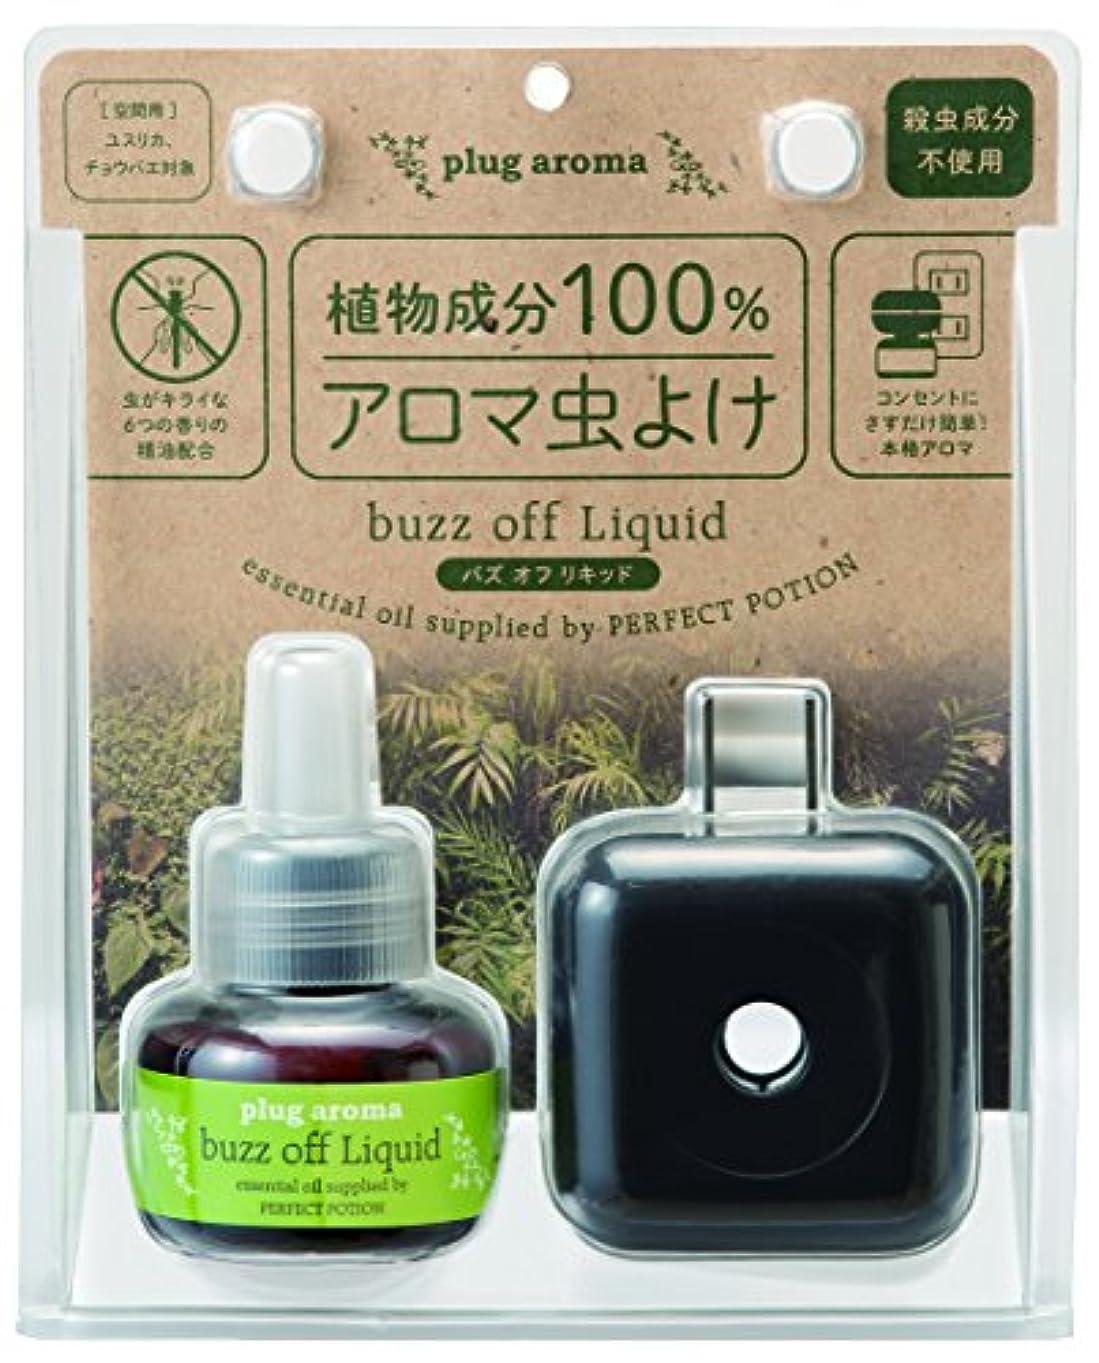 復活マスクマイクロプラグアロマ(plug aroma) バズオフセット(リニューアル品)